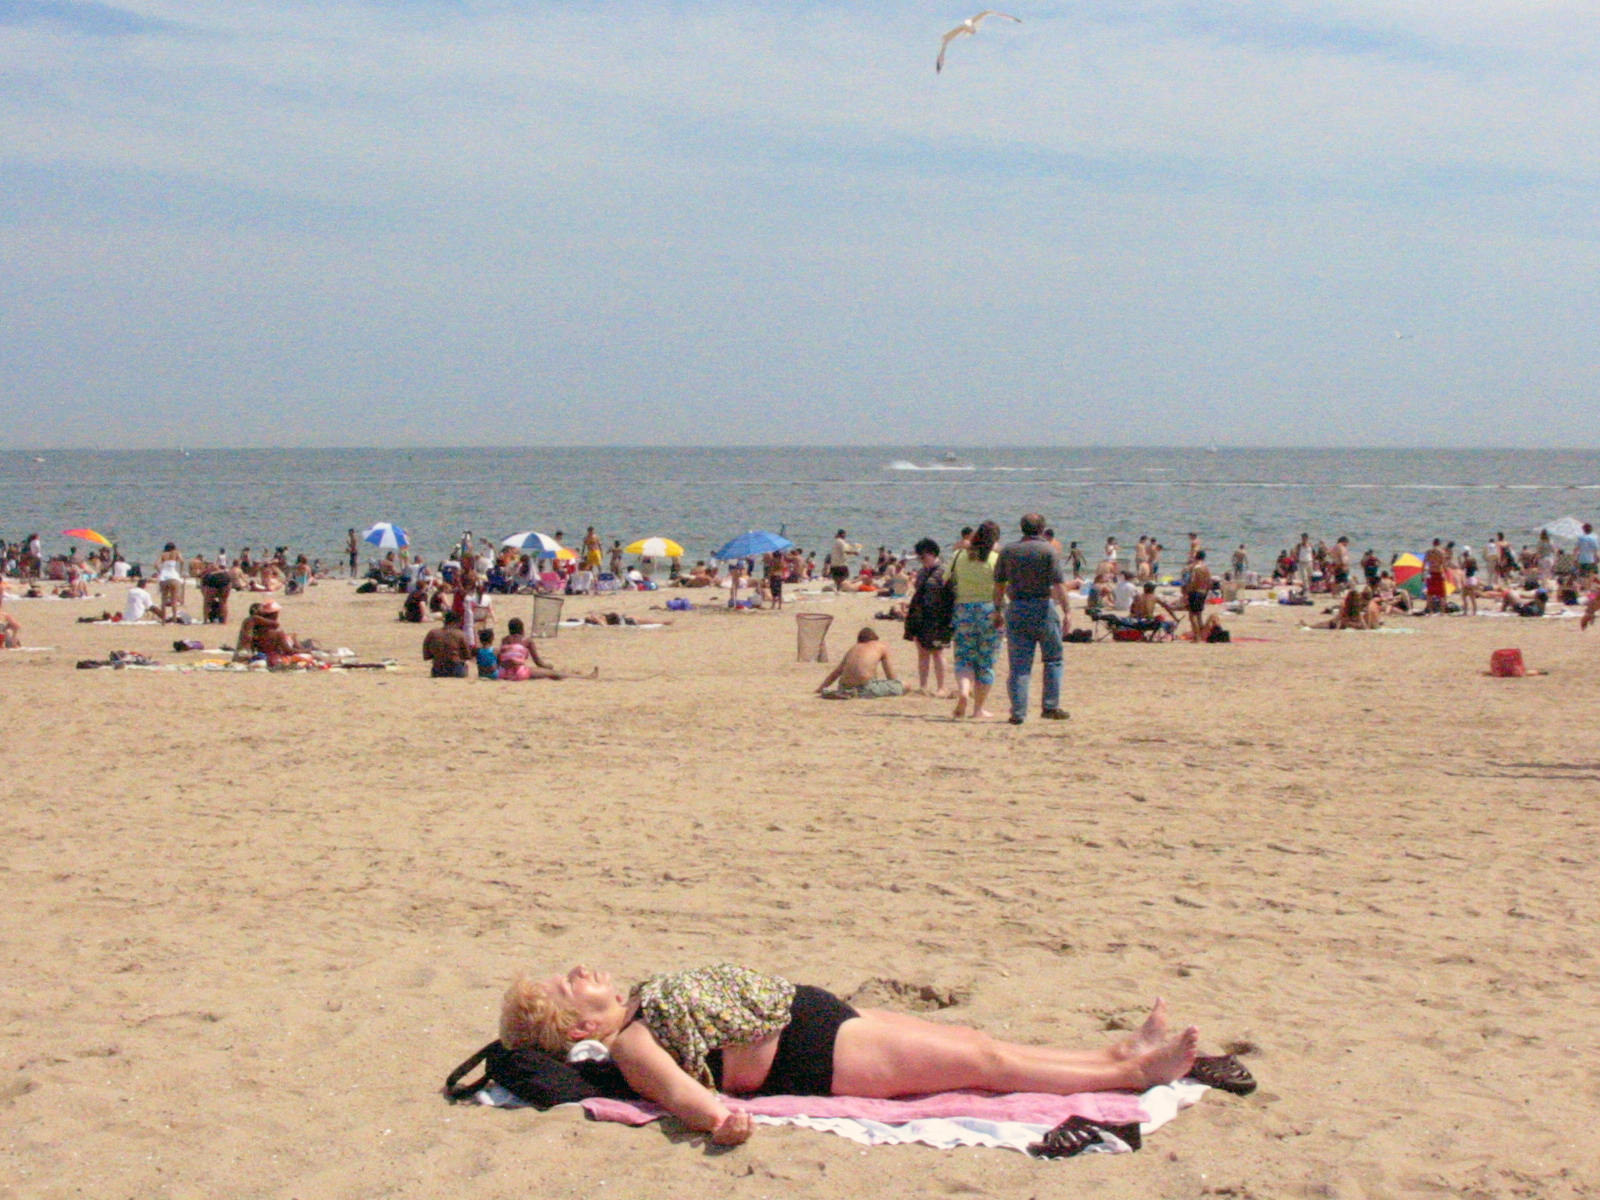 The Beach at Coney Island, Brooklyn NY